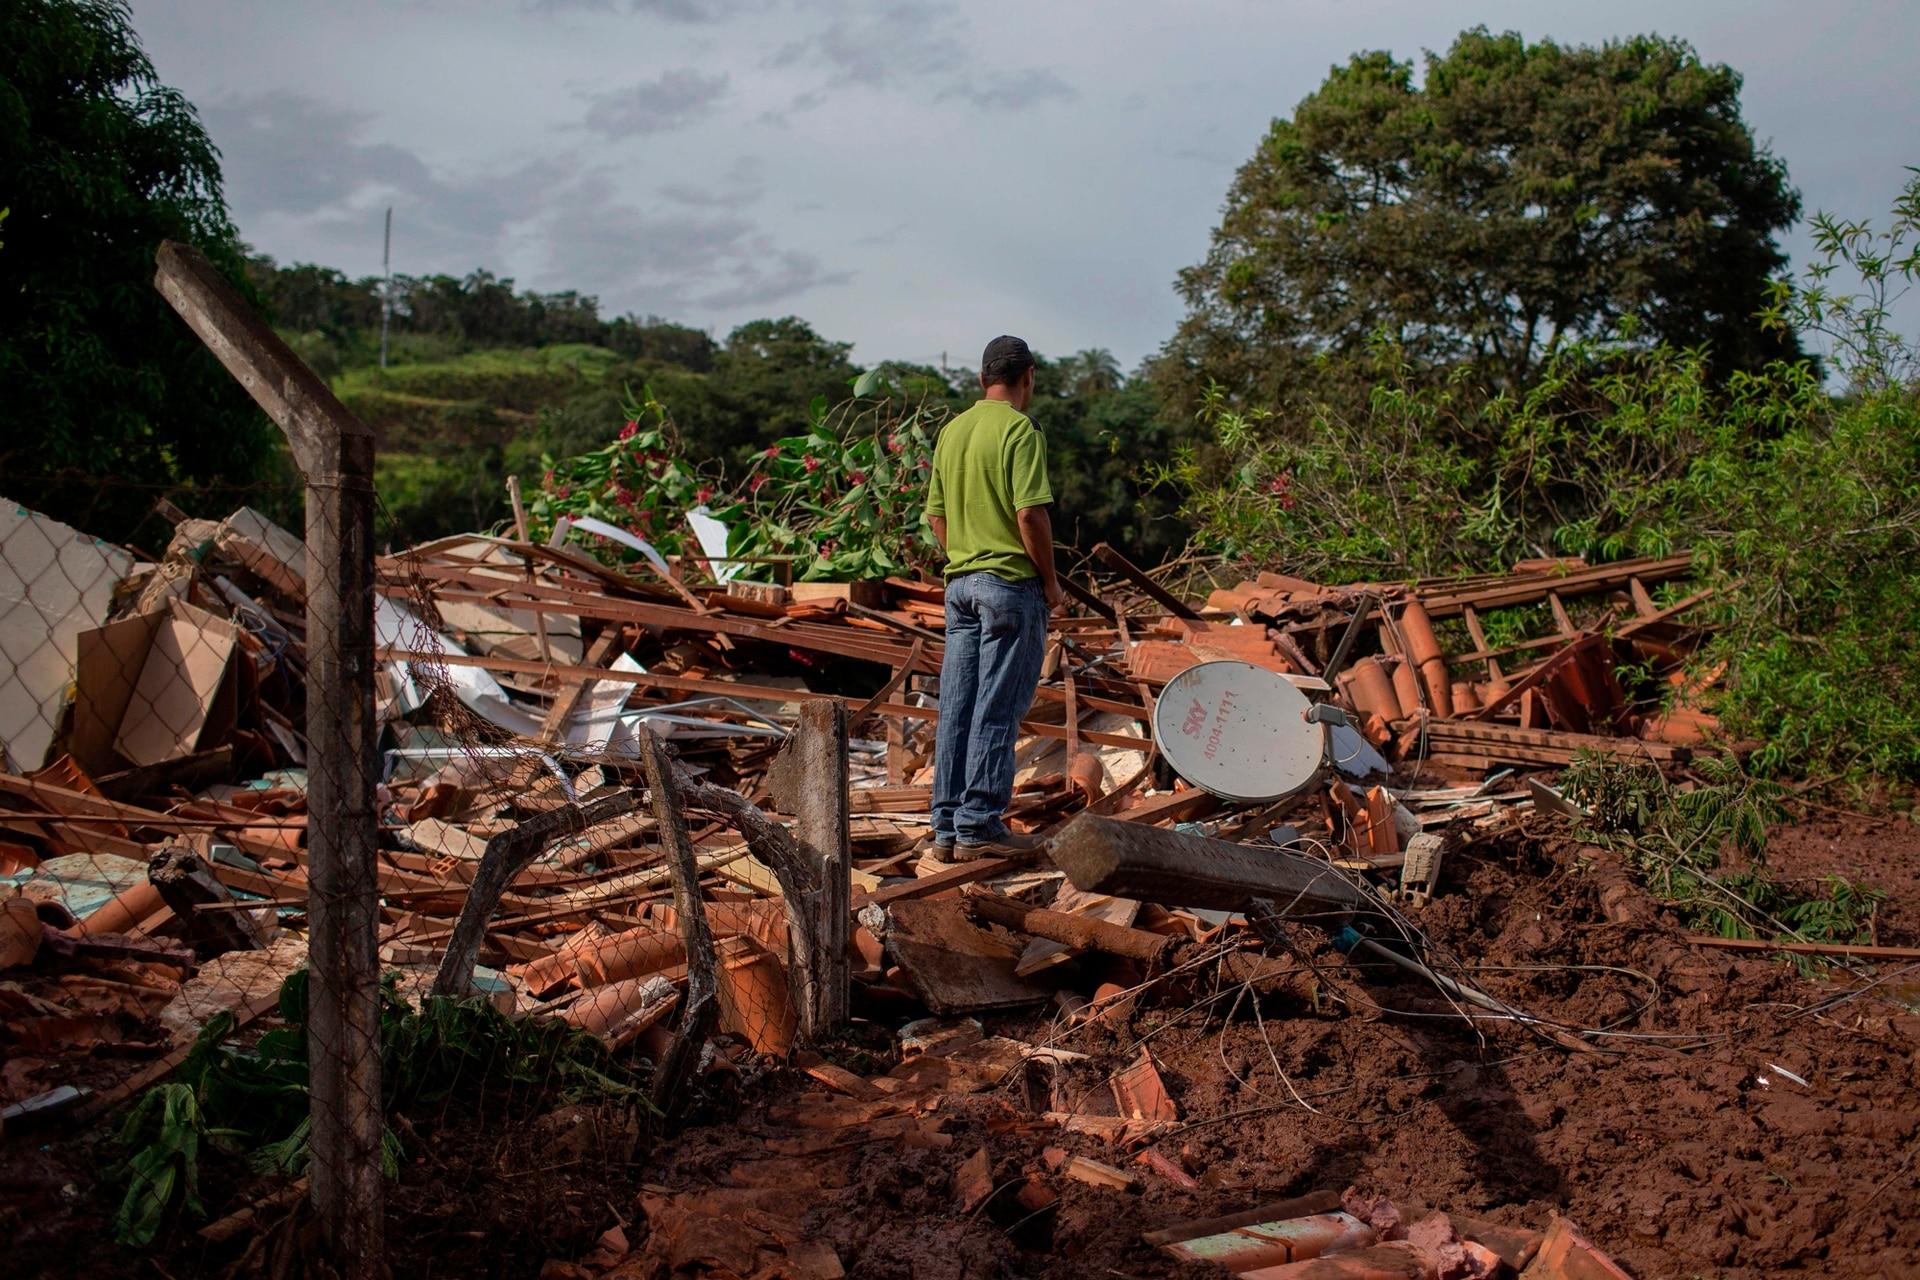 La gente de la comunidad del Parque da Cachoeira observa los escombros en el área afectada por el lodo un día después del derrumbe de una represa en una mina de mineral de hierro perteneciente a la gigante minera brasileña Vale, cerca de la ciudad de Brumadinho en el estado de Minas Gerias. sureste